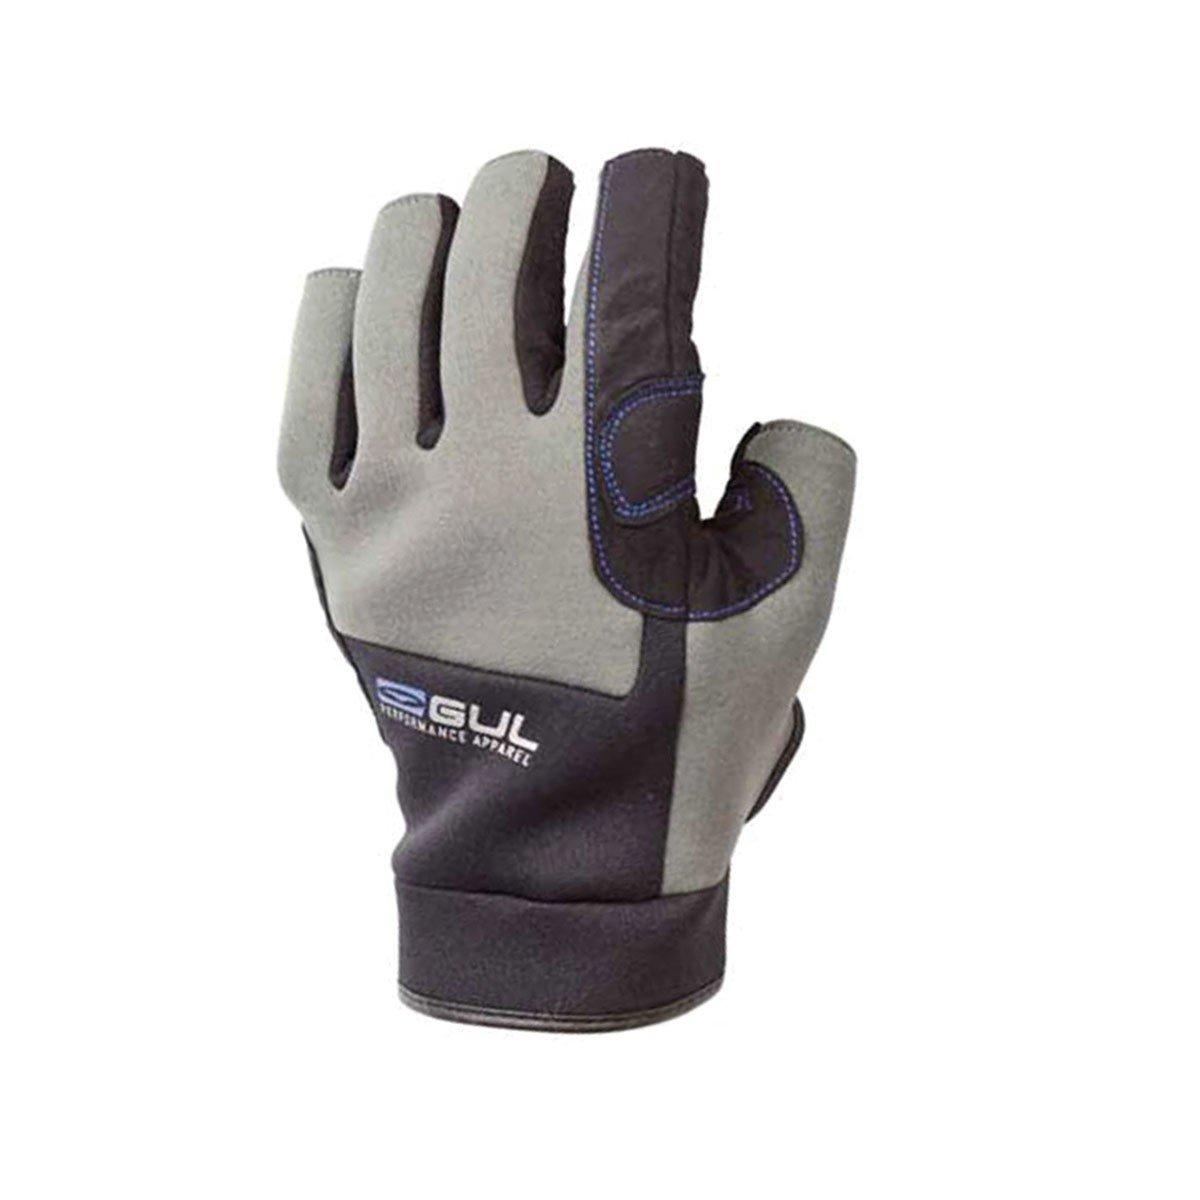 Gul Neoprene Short Finger Winter Sailing Glove   Gl1242-A3